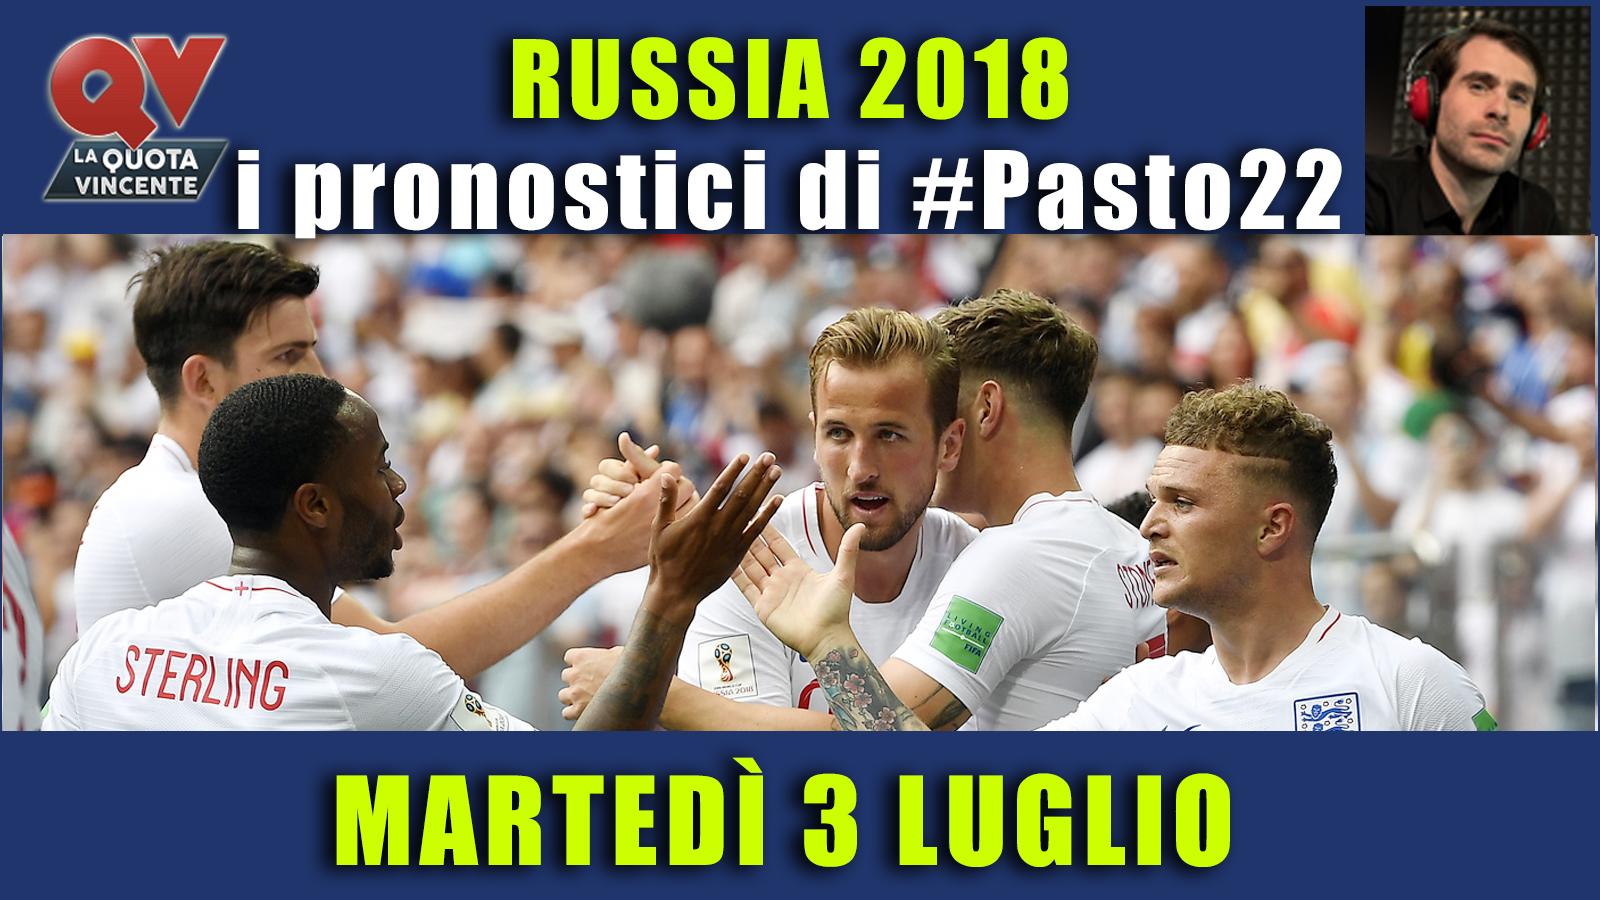 Pronostici Mondiali 3 luglio: le dritte di #Pasto22 a Russia 2018